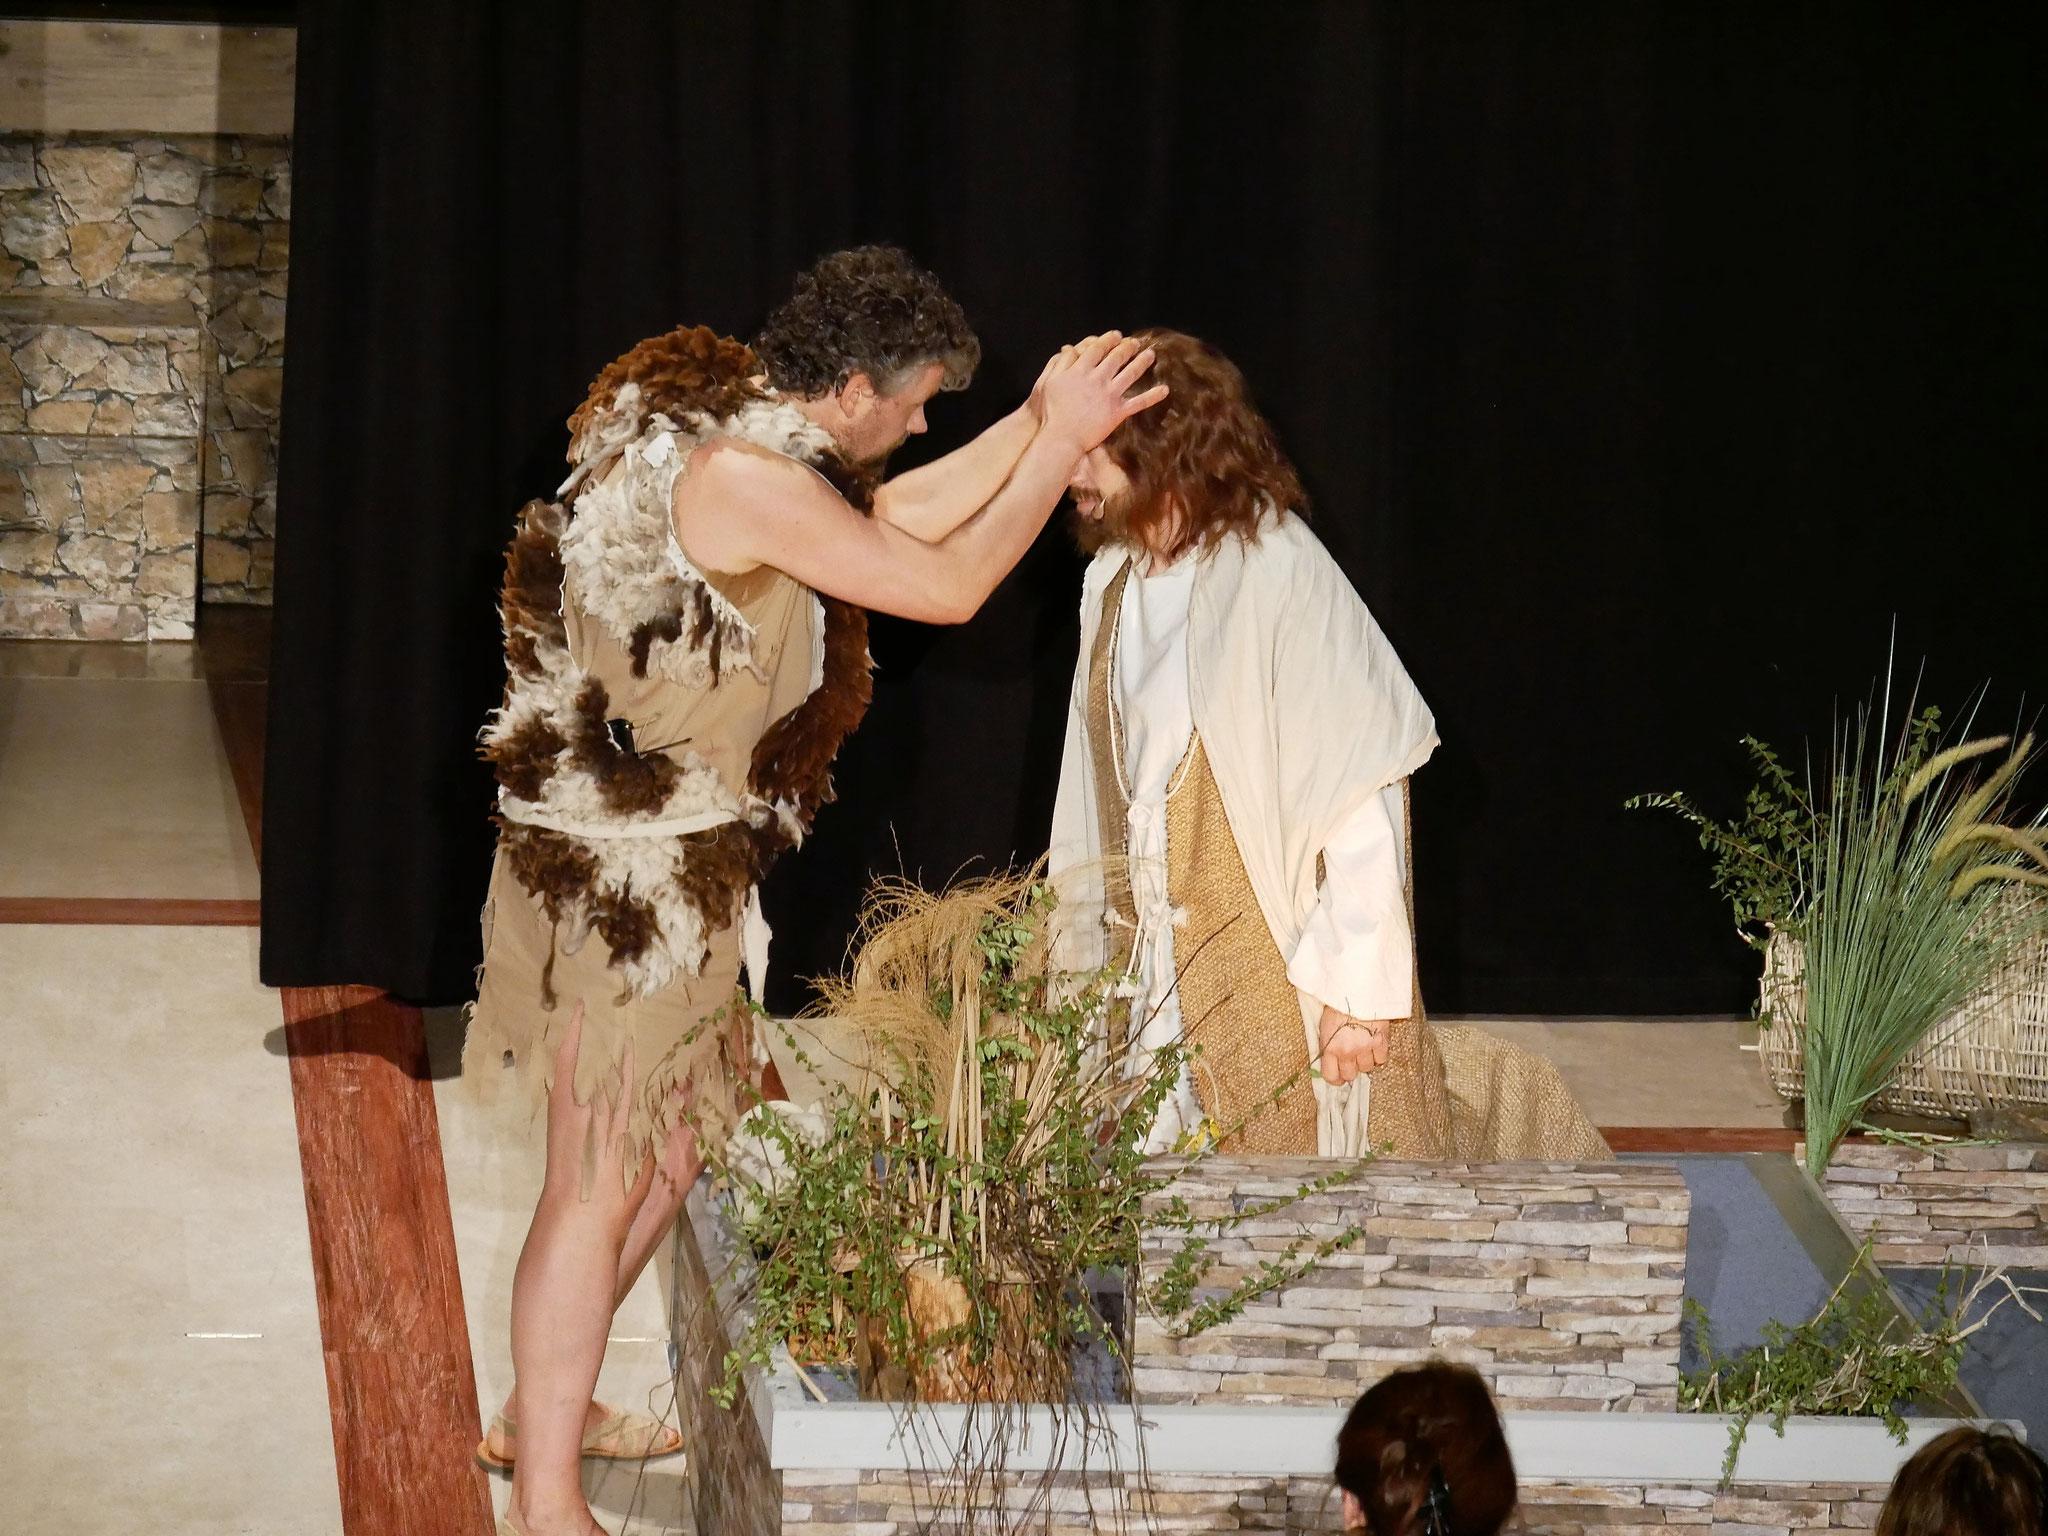 Johannes der Täufer tauft Jesus